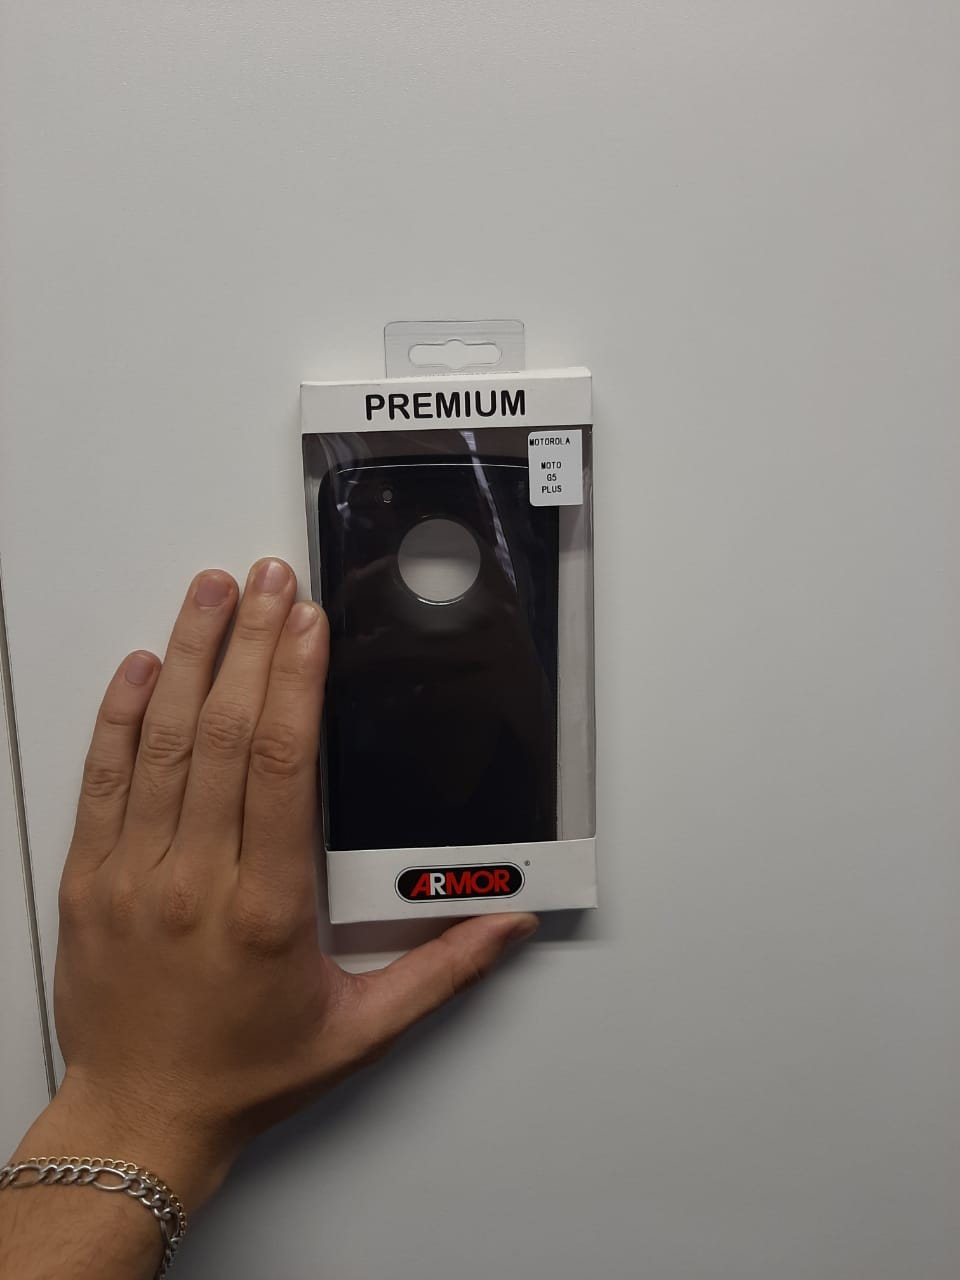 Capa Protetora TPU Armor para Motorola Moto G5 Plus Fumê